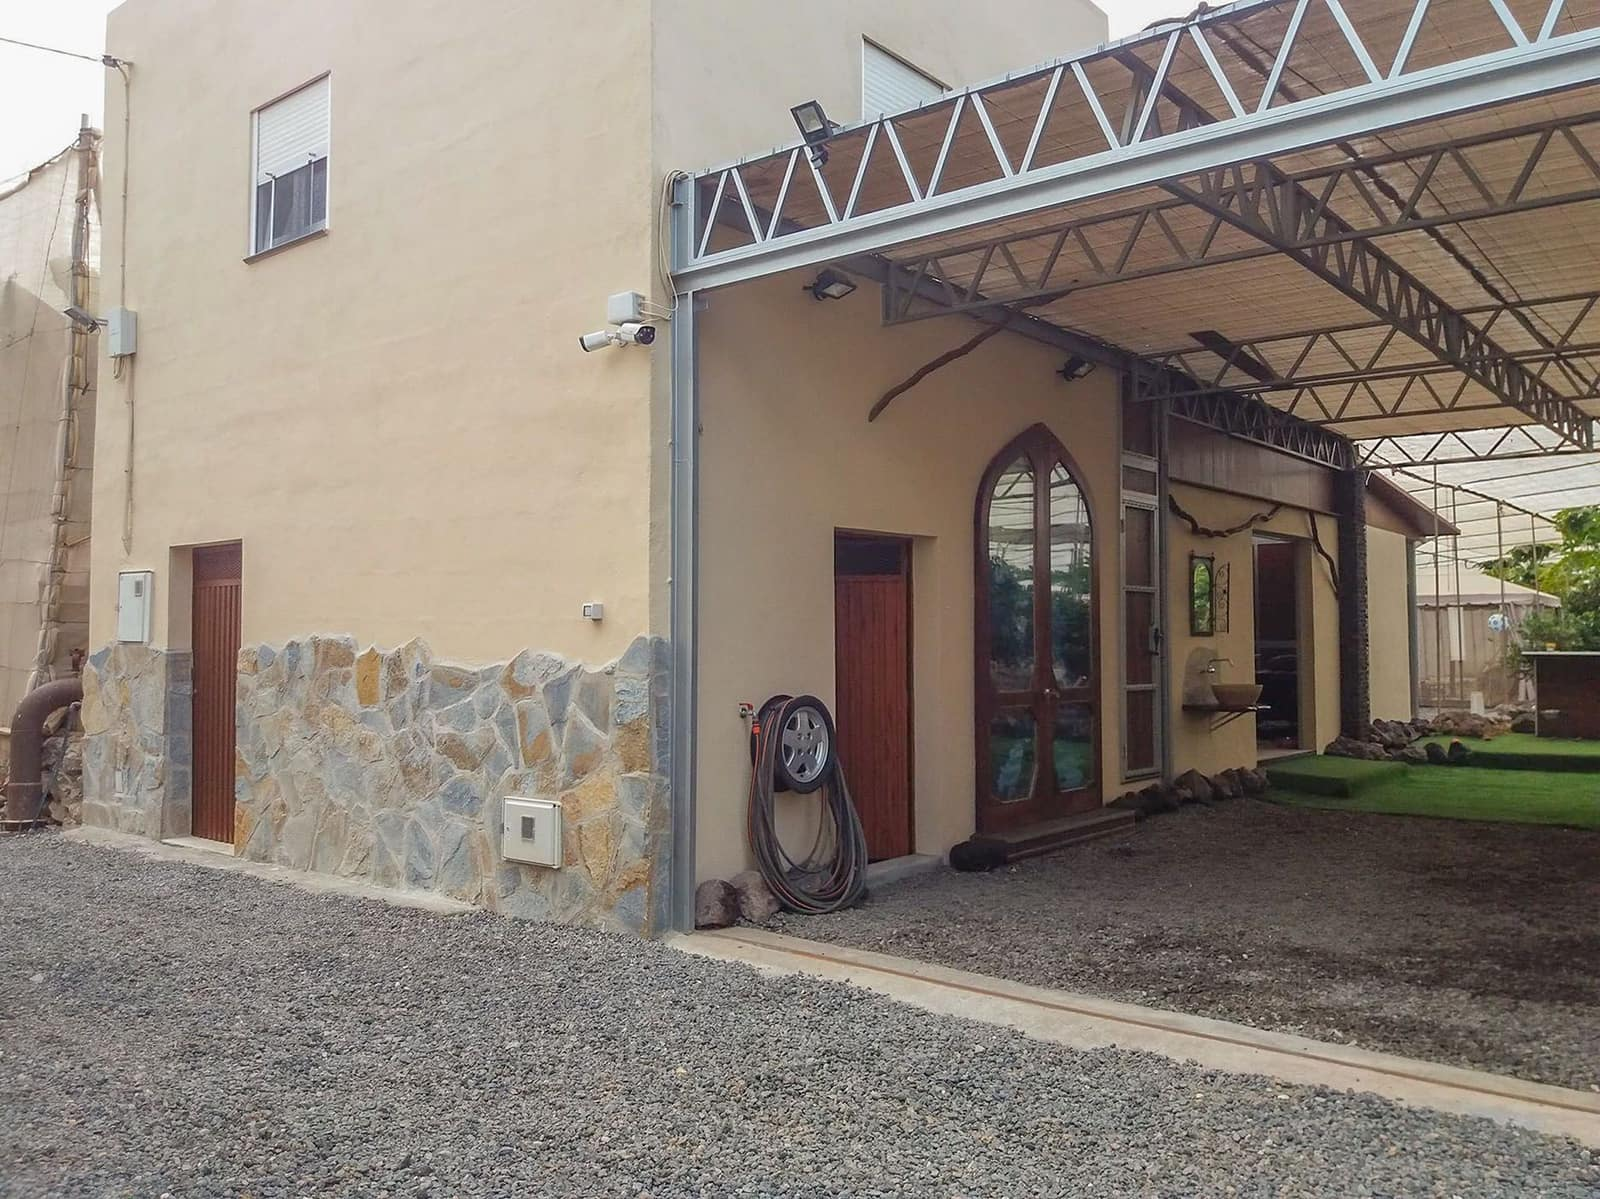 3 bedroom Finca/Country House for sale in La Estrella with garage - € 395,000 (Ref: 5530371)